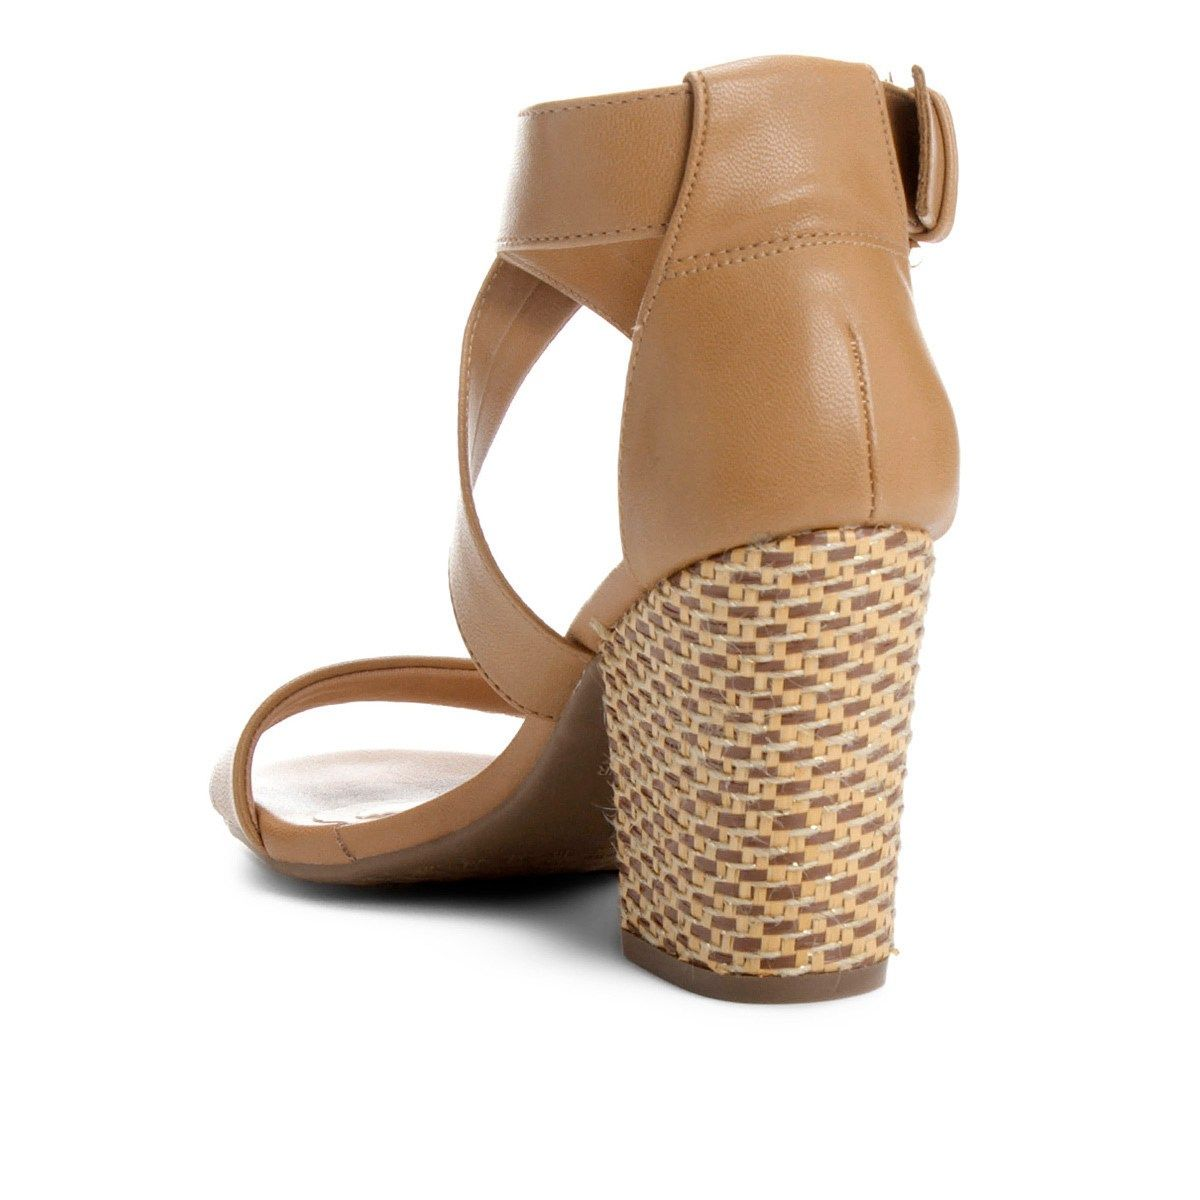 b431b2029 Compre Sandália Ramarim Salto Grosso Multi Tiras Feminina - Caramelo e  muito mais em roupas, calçados e artigos esportivos na Zattini. Confira  hoje mesmo!